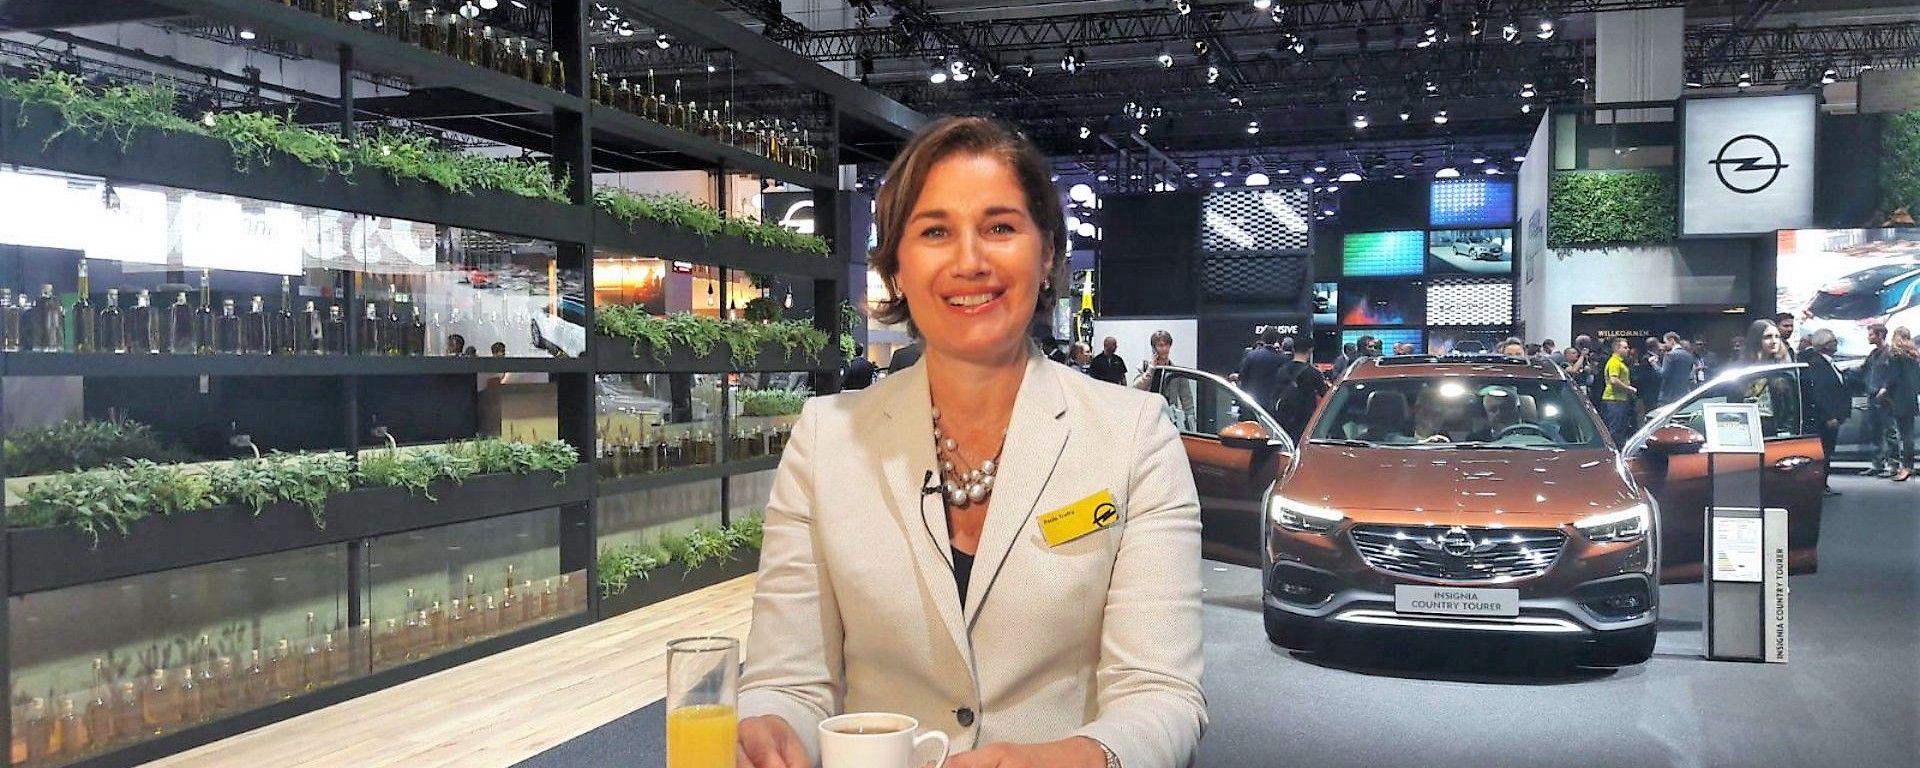 Le novità Opel raccontate da Paola Trotta, Direttore Comunicazione Opel Italia